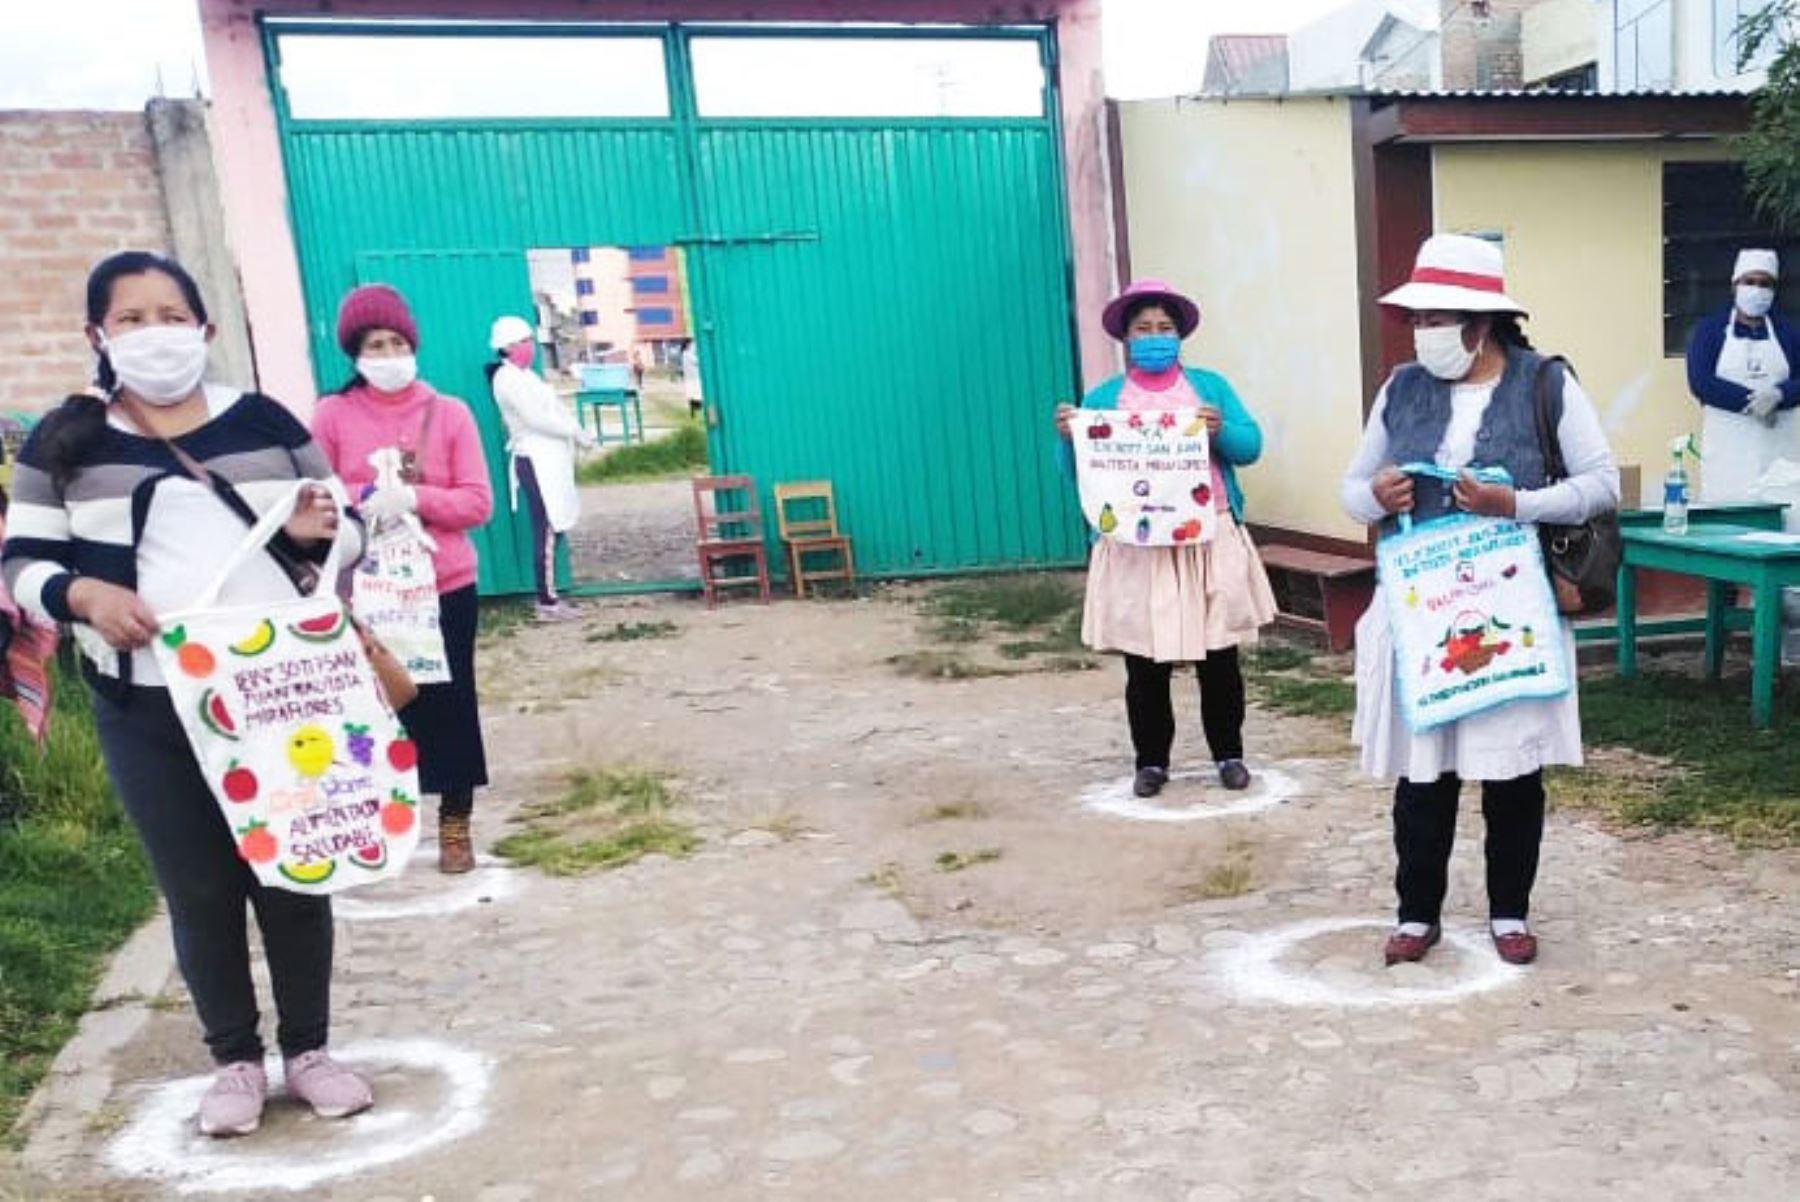 Padres emprendedores de la IE N° 30117 San Juan Bautista de Huancayo elaboran bolsas ecológicas con materiales reciclados. Foto: Cortesía Pedro Tinoco